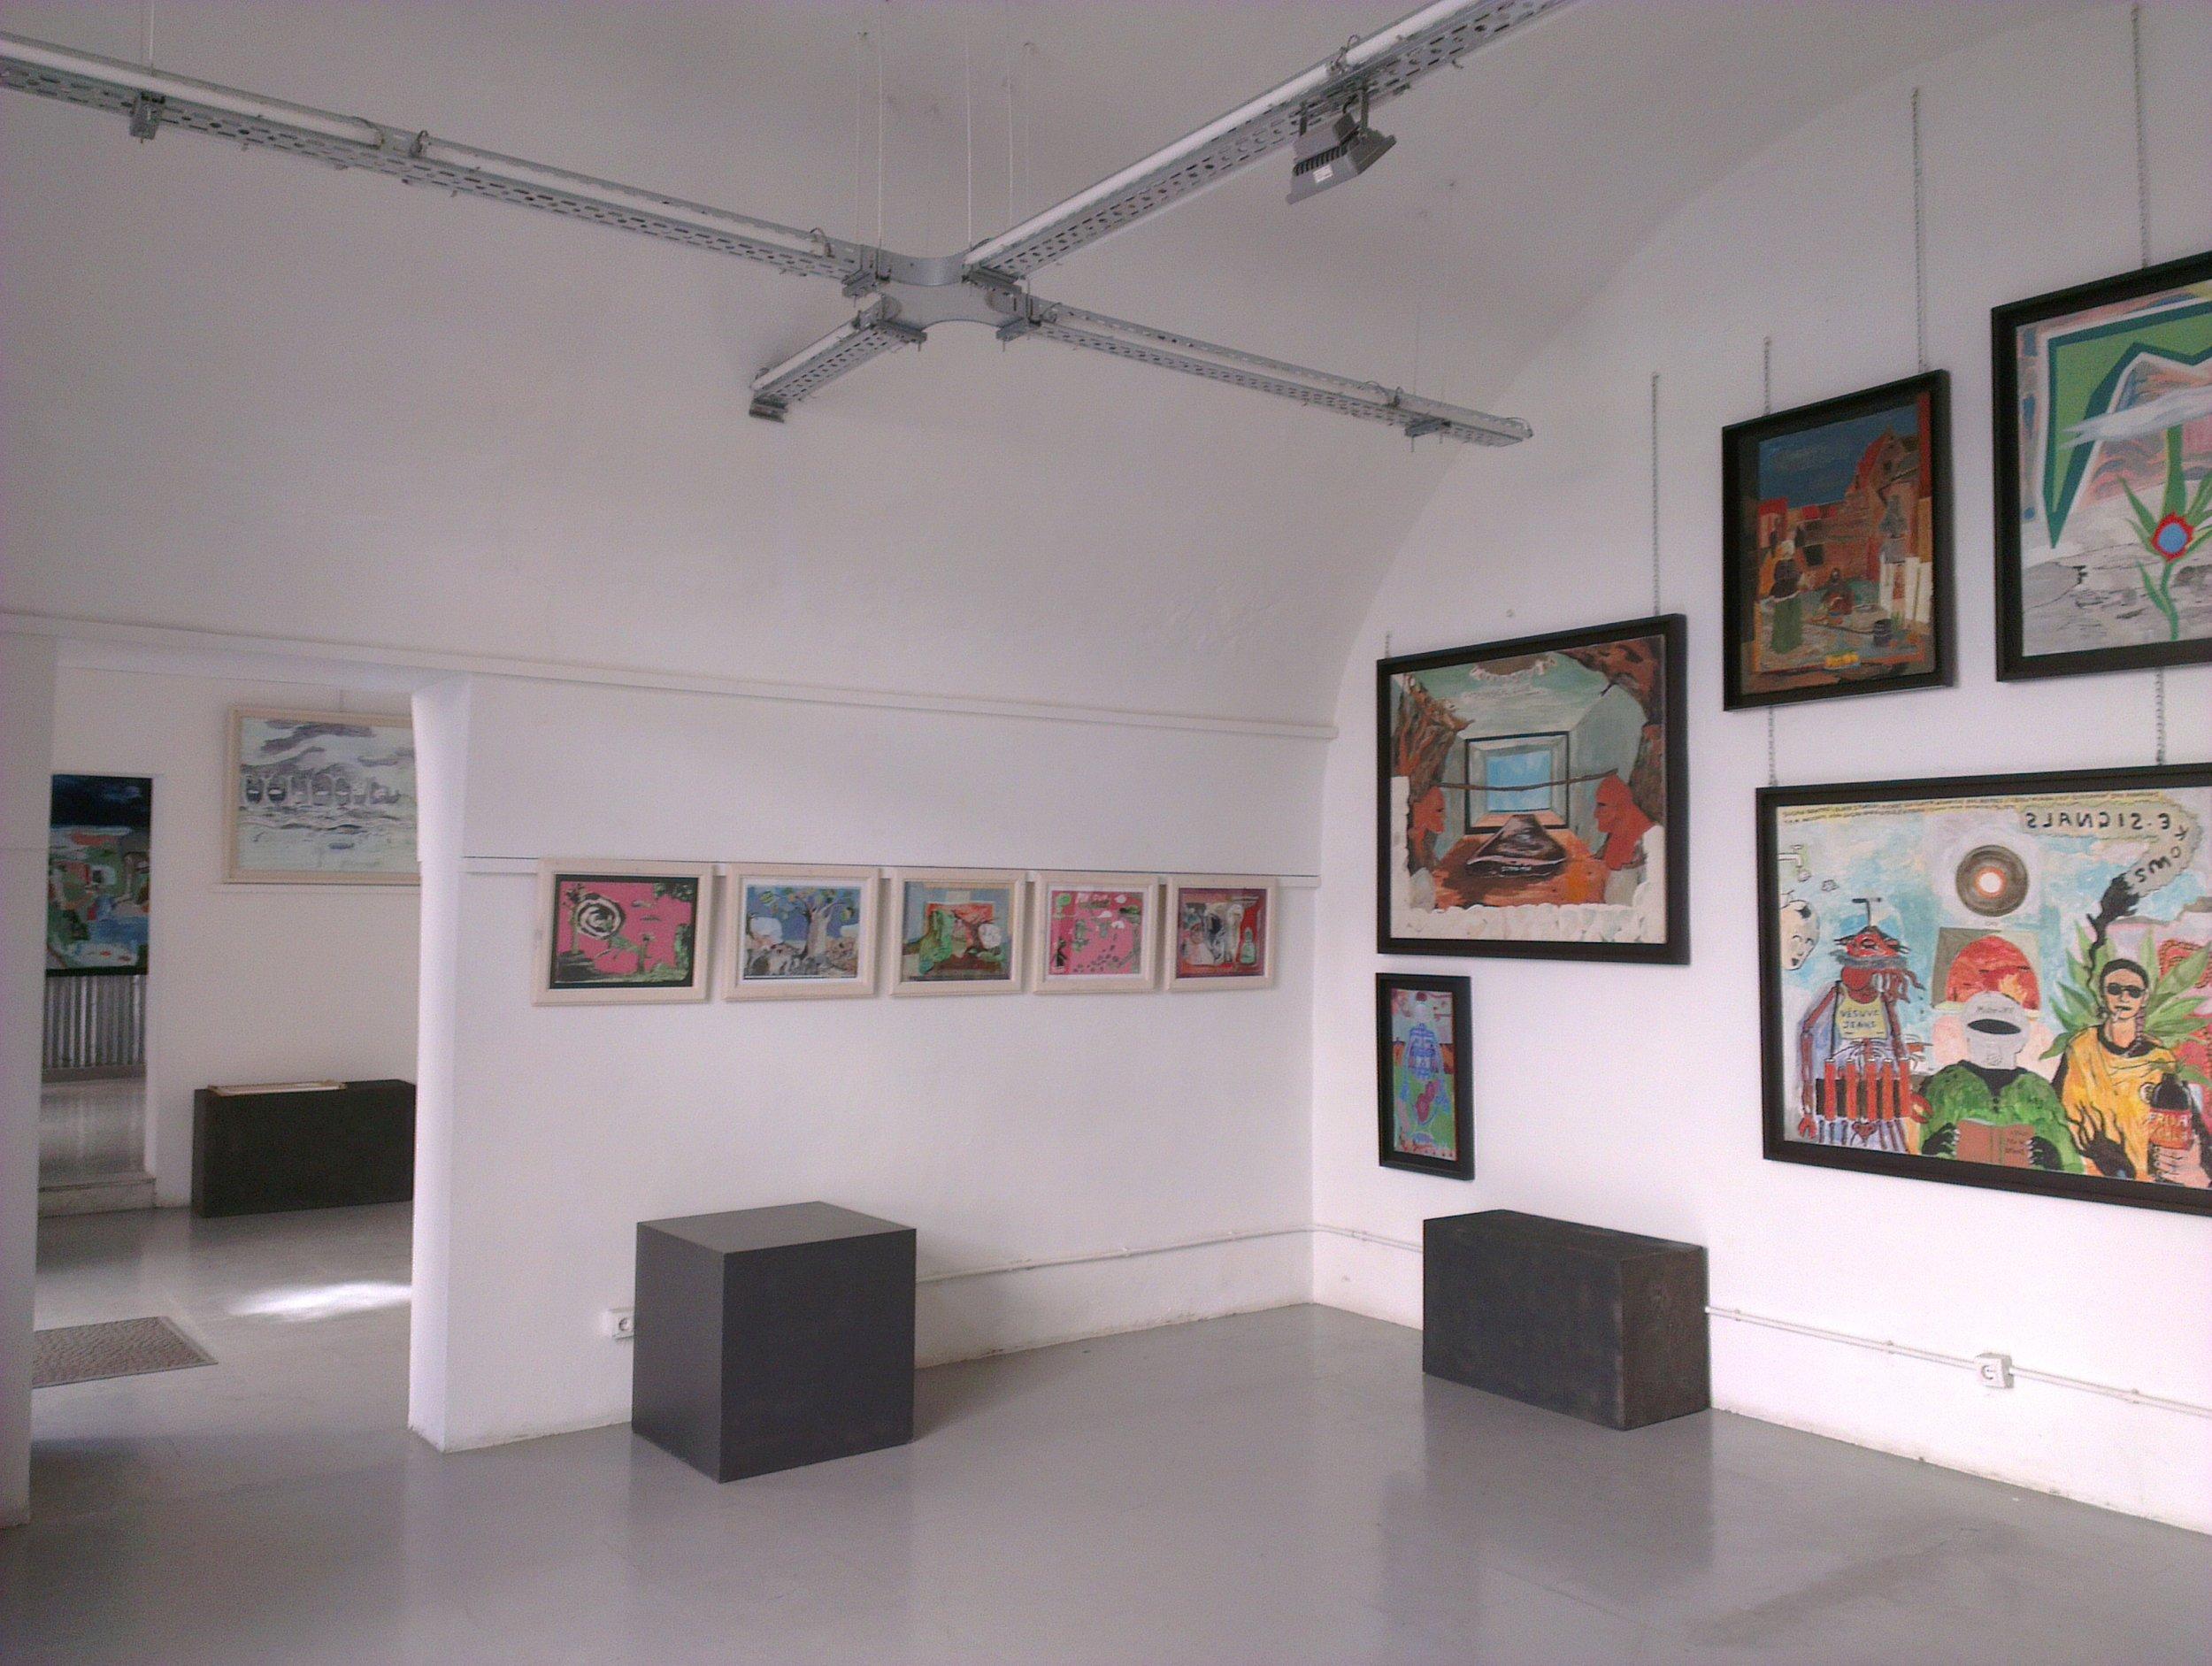 Gallery 392RMEIL393.jpg